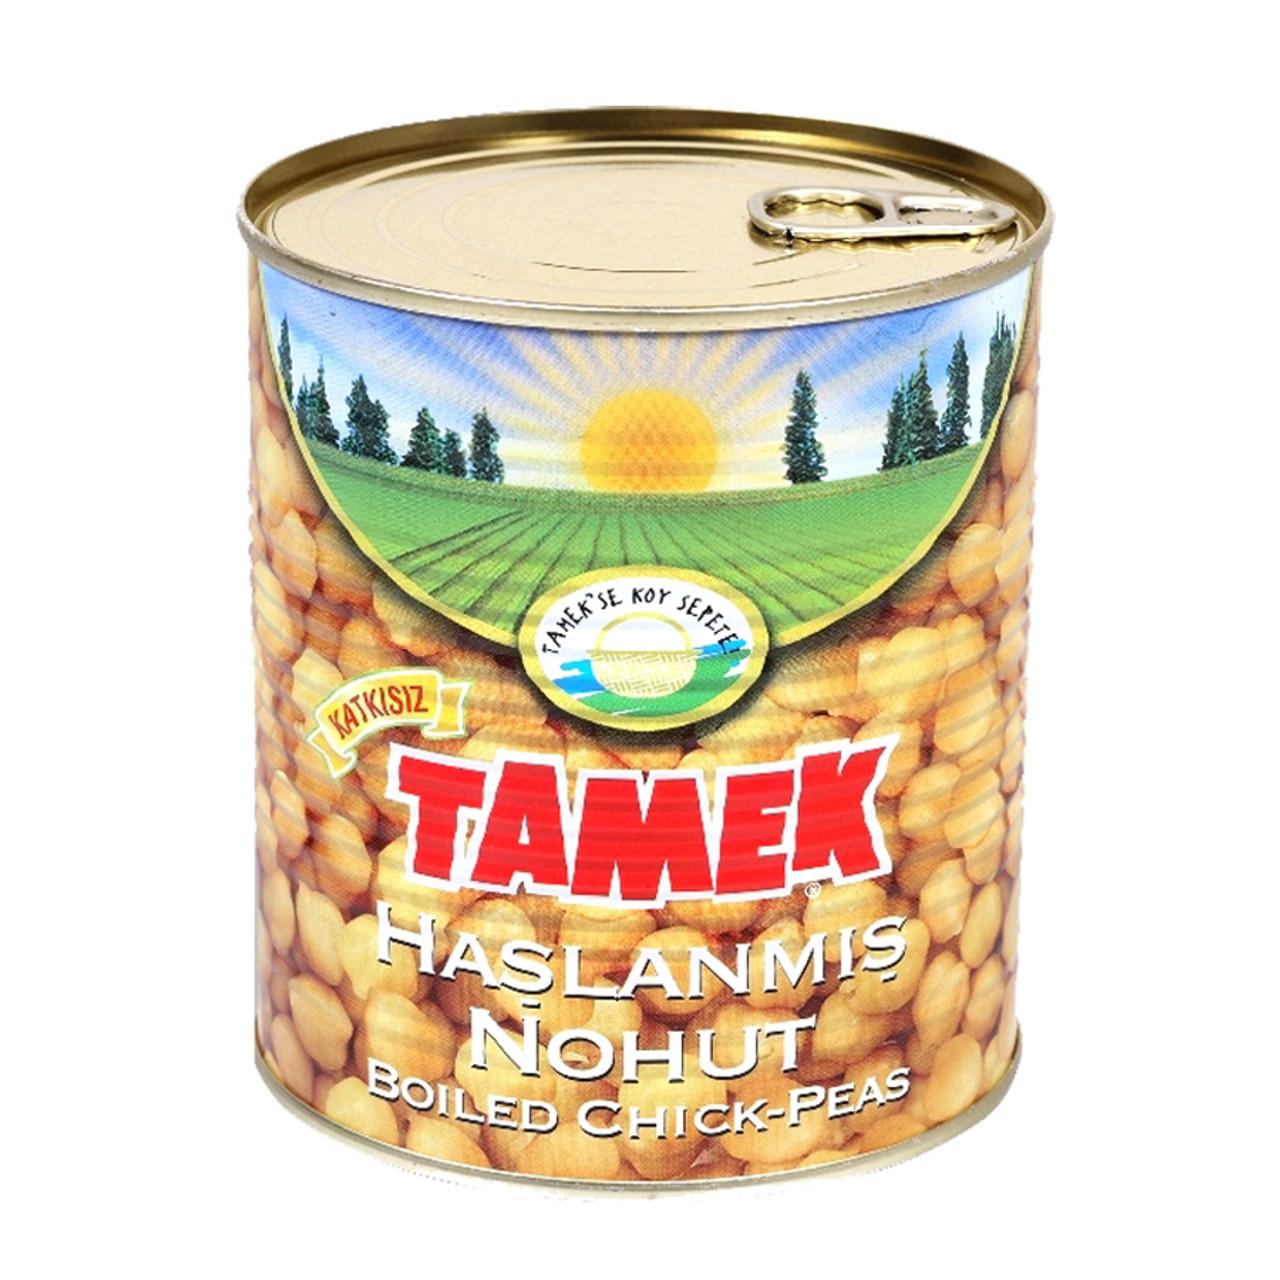 TAMEK Boiled Chickpeas 800g